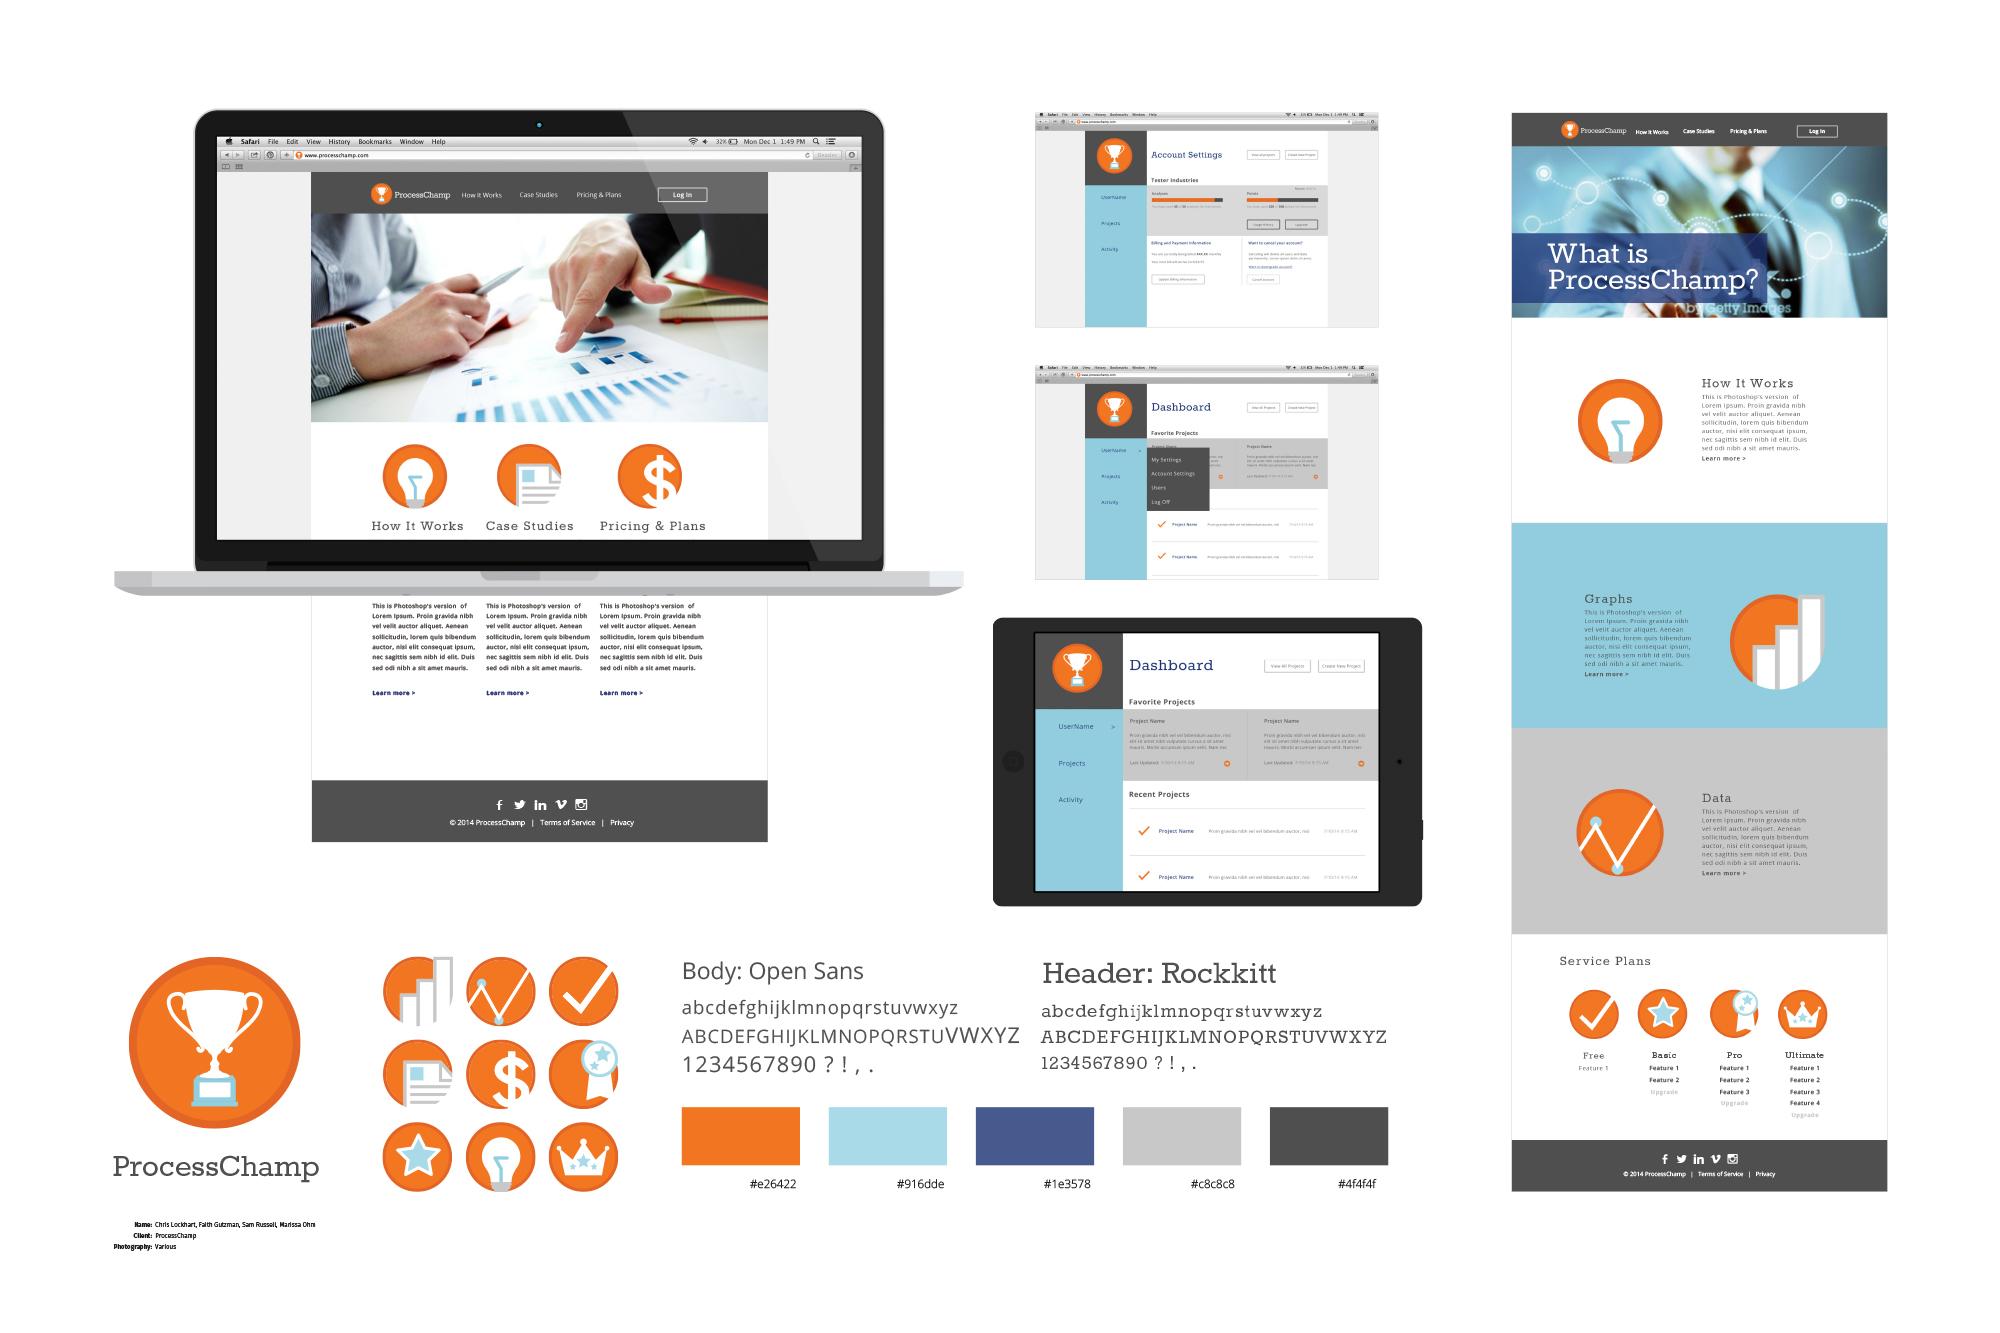 ADVE3630_Bennett_ProcessChamp Site Design_Gutzman, Lockhart, Ohm, Russell.jpg